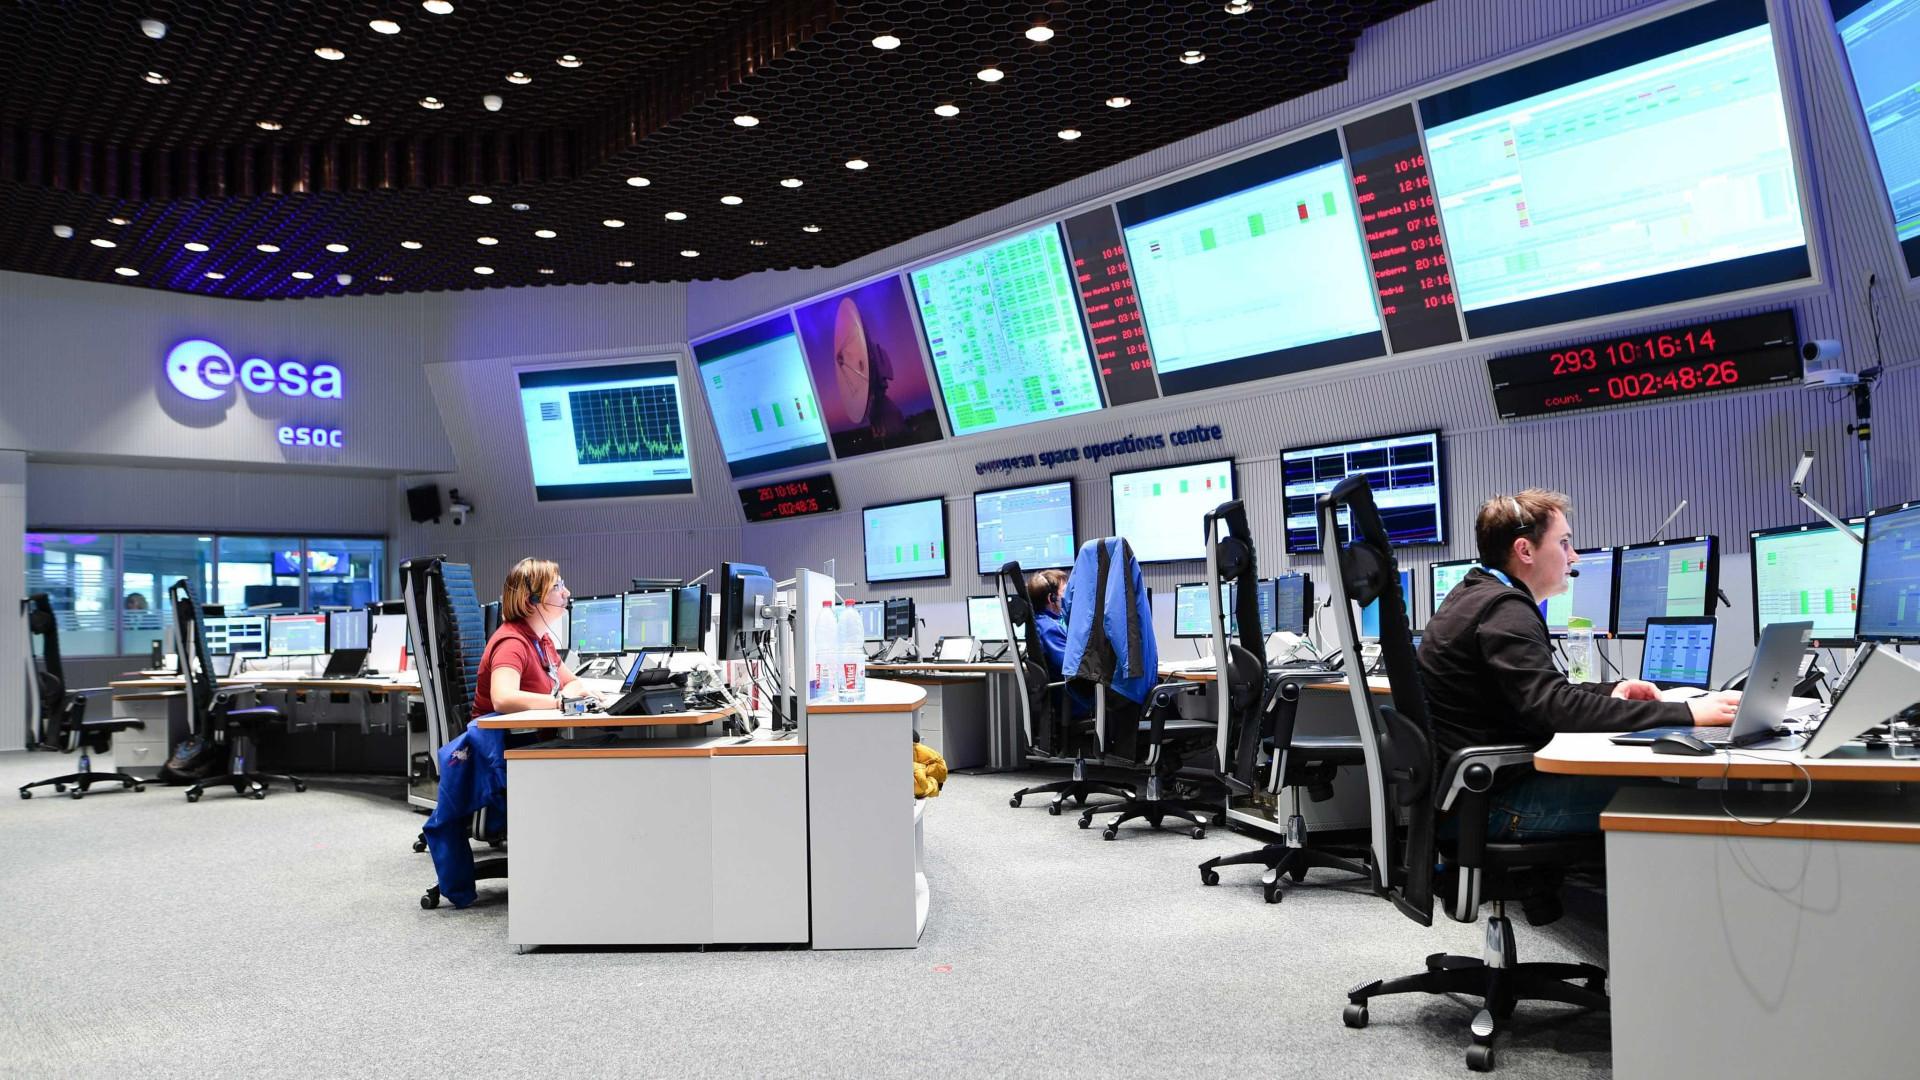 Portugal aumentará contribuição para agência espacial em 30,50 milhões